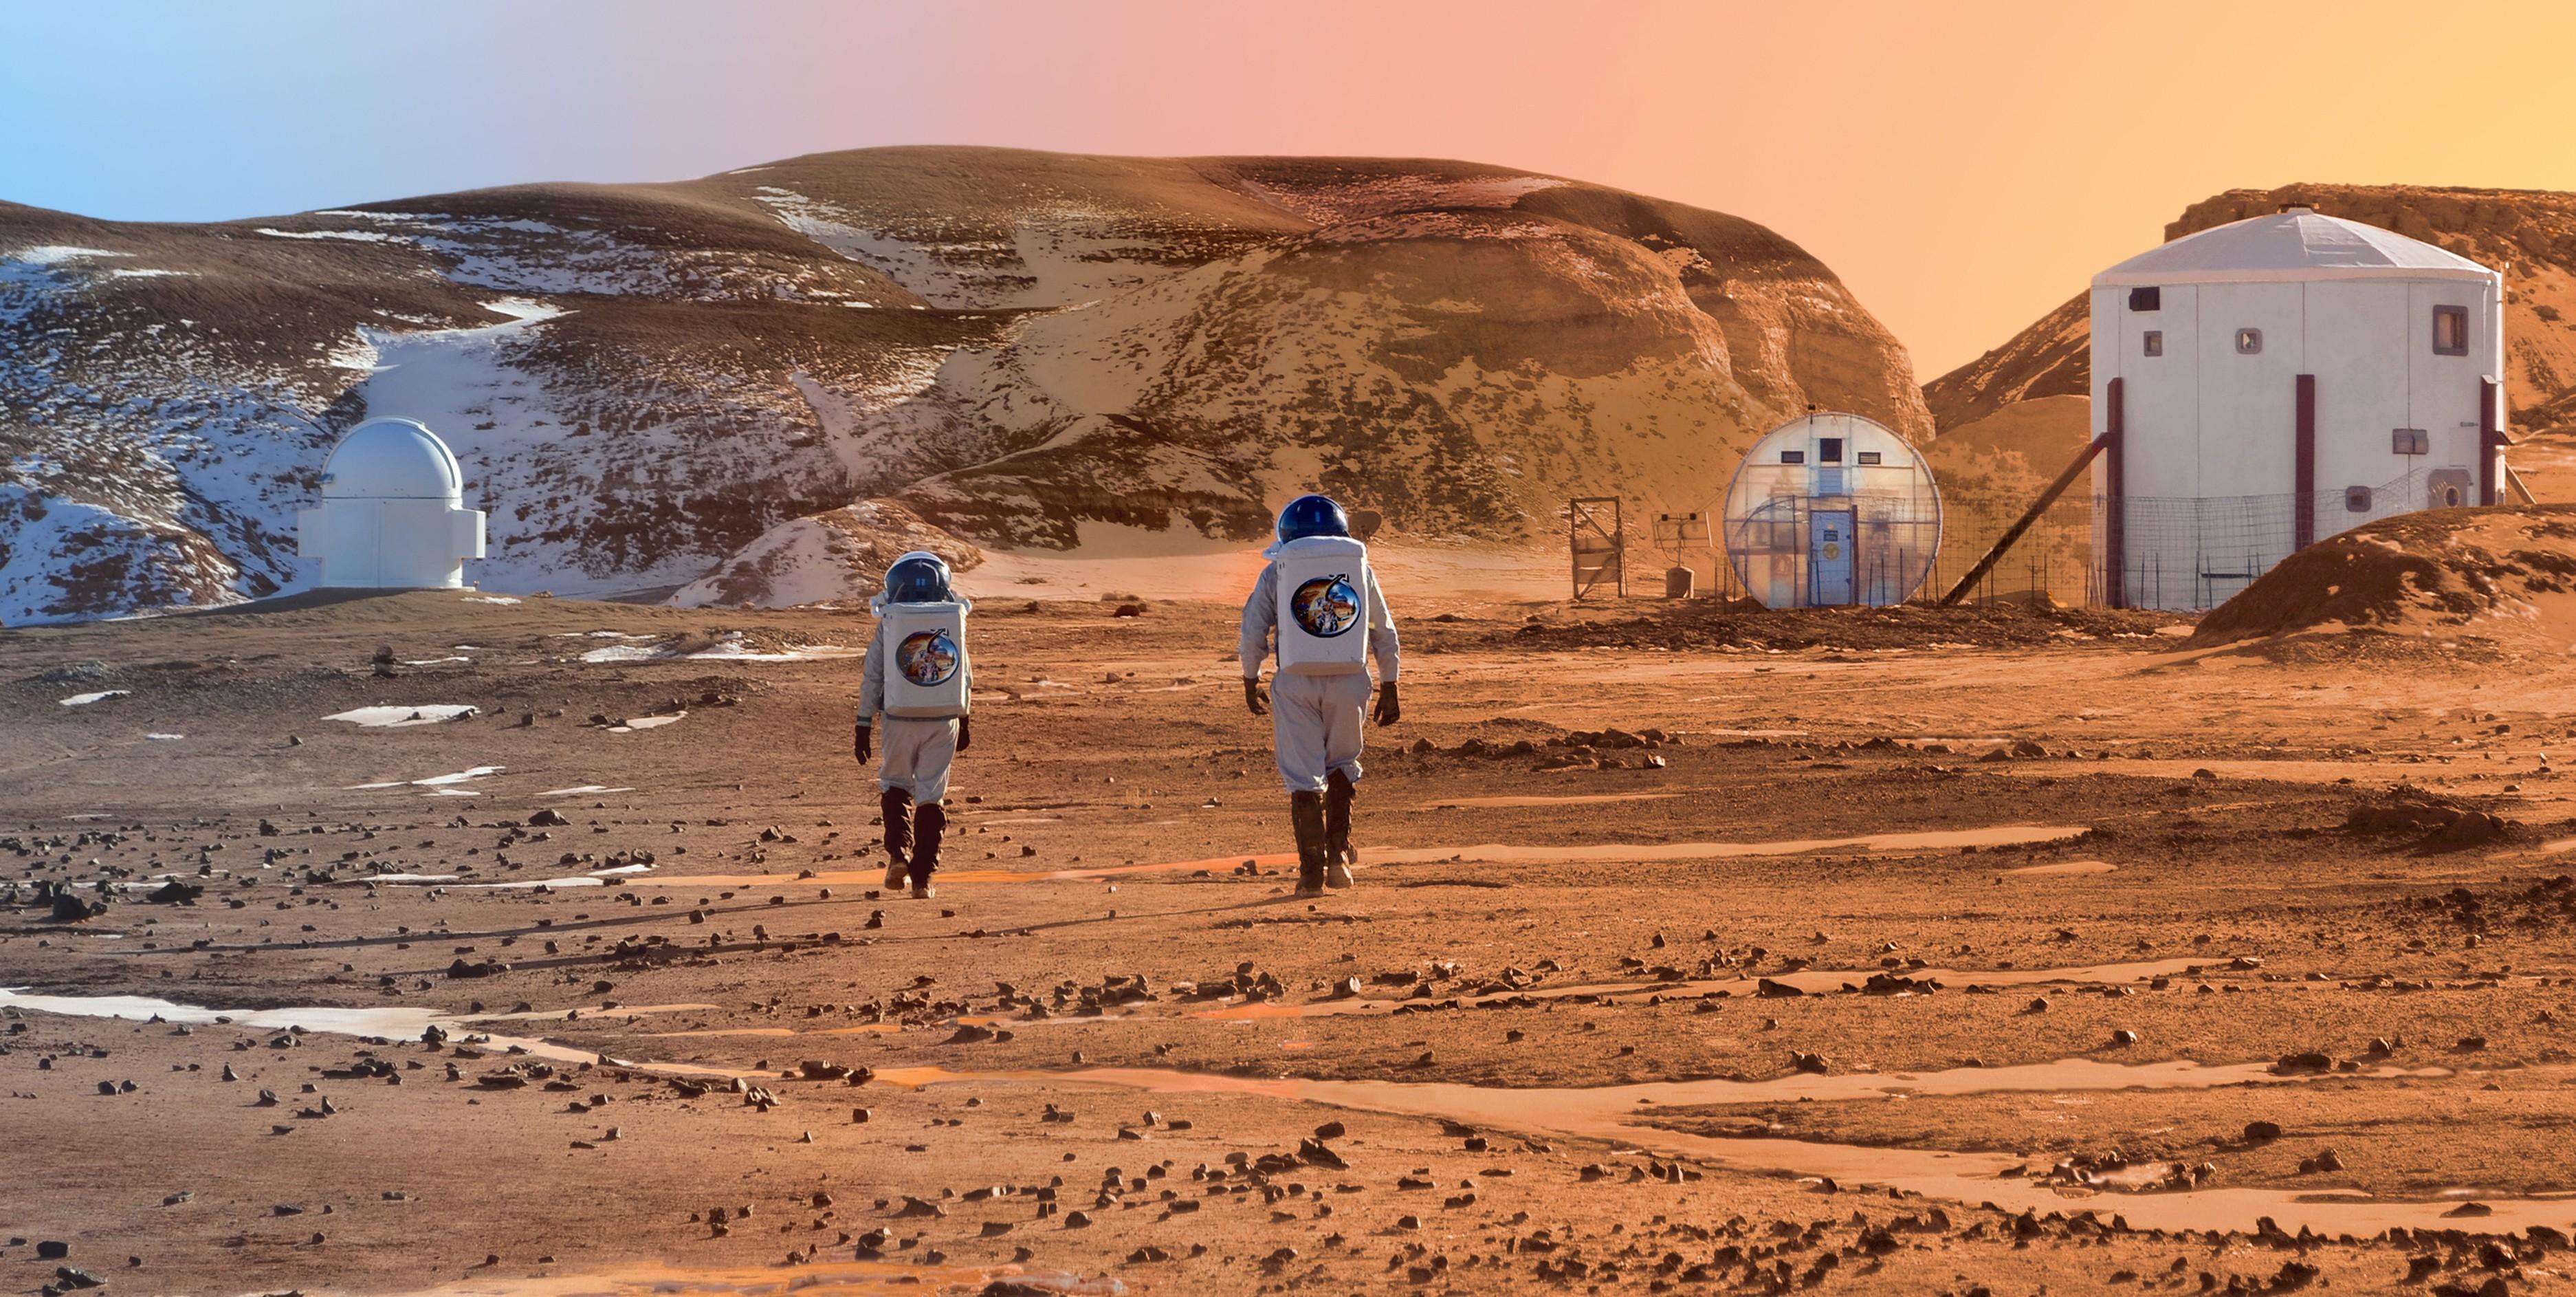 НАСА делает необычайный скафандр для полета наМарс